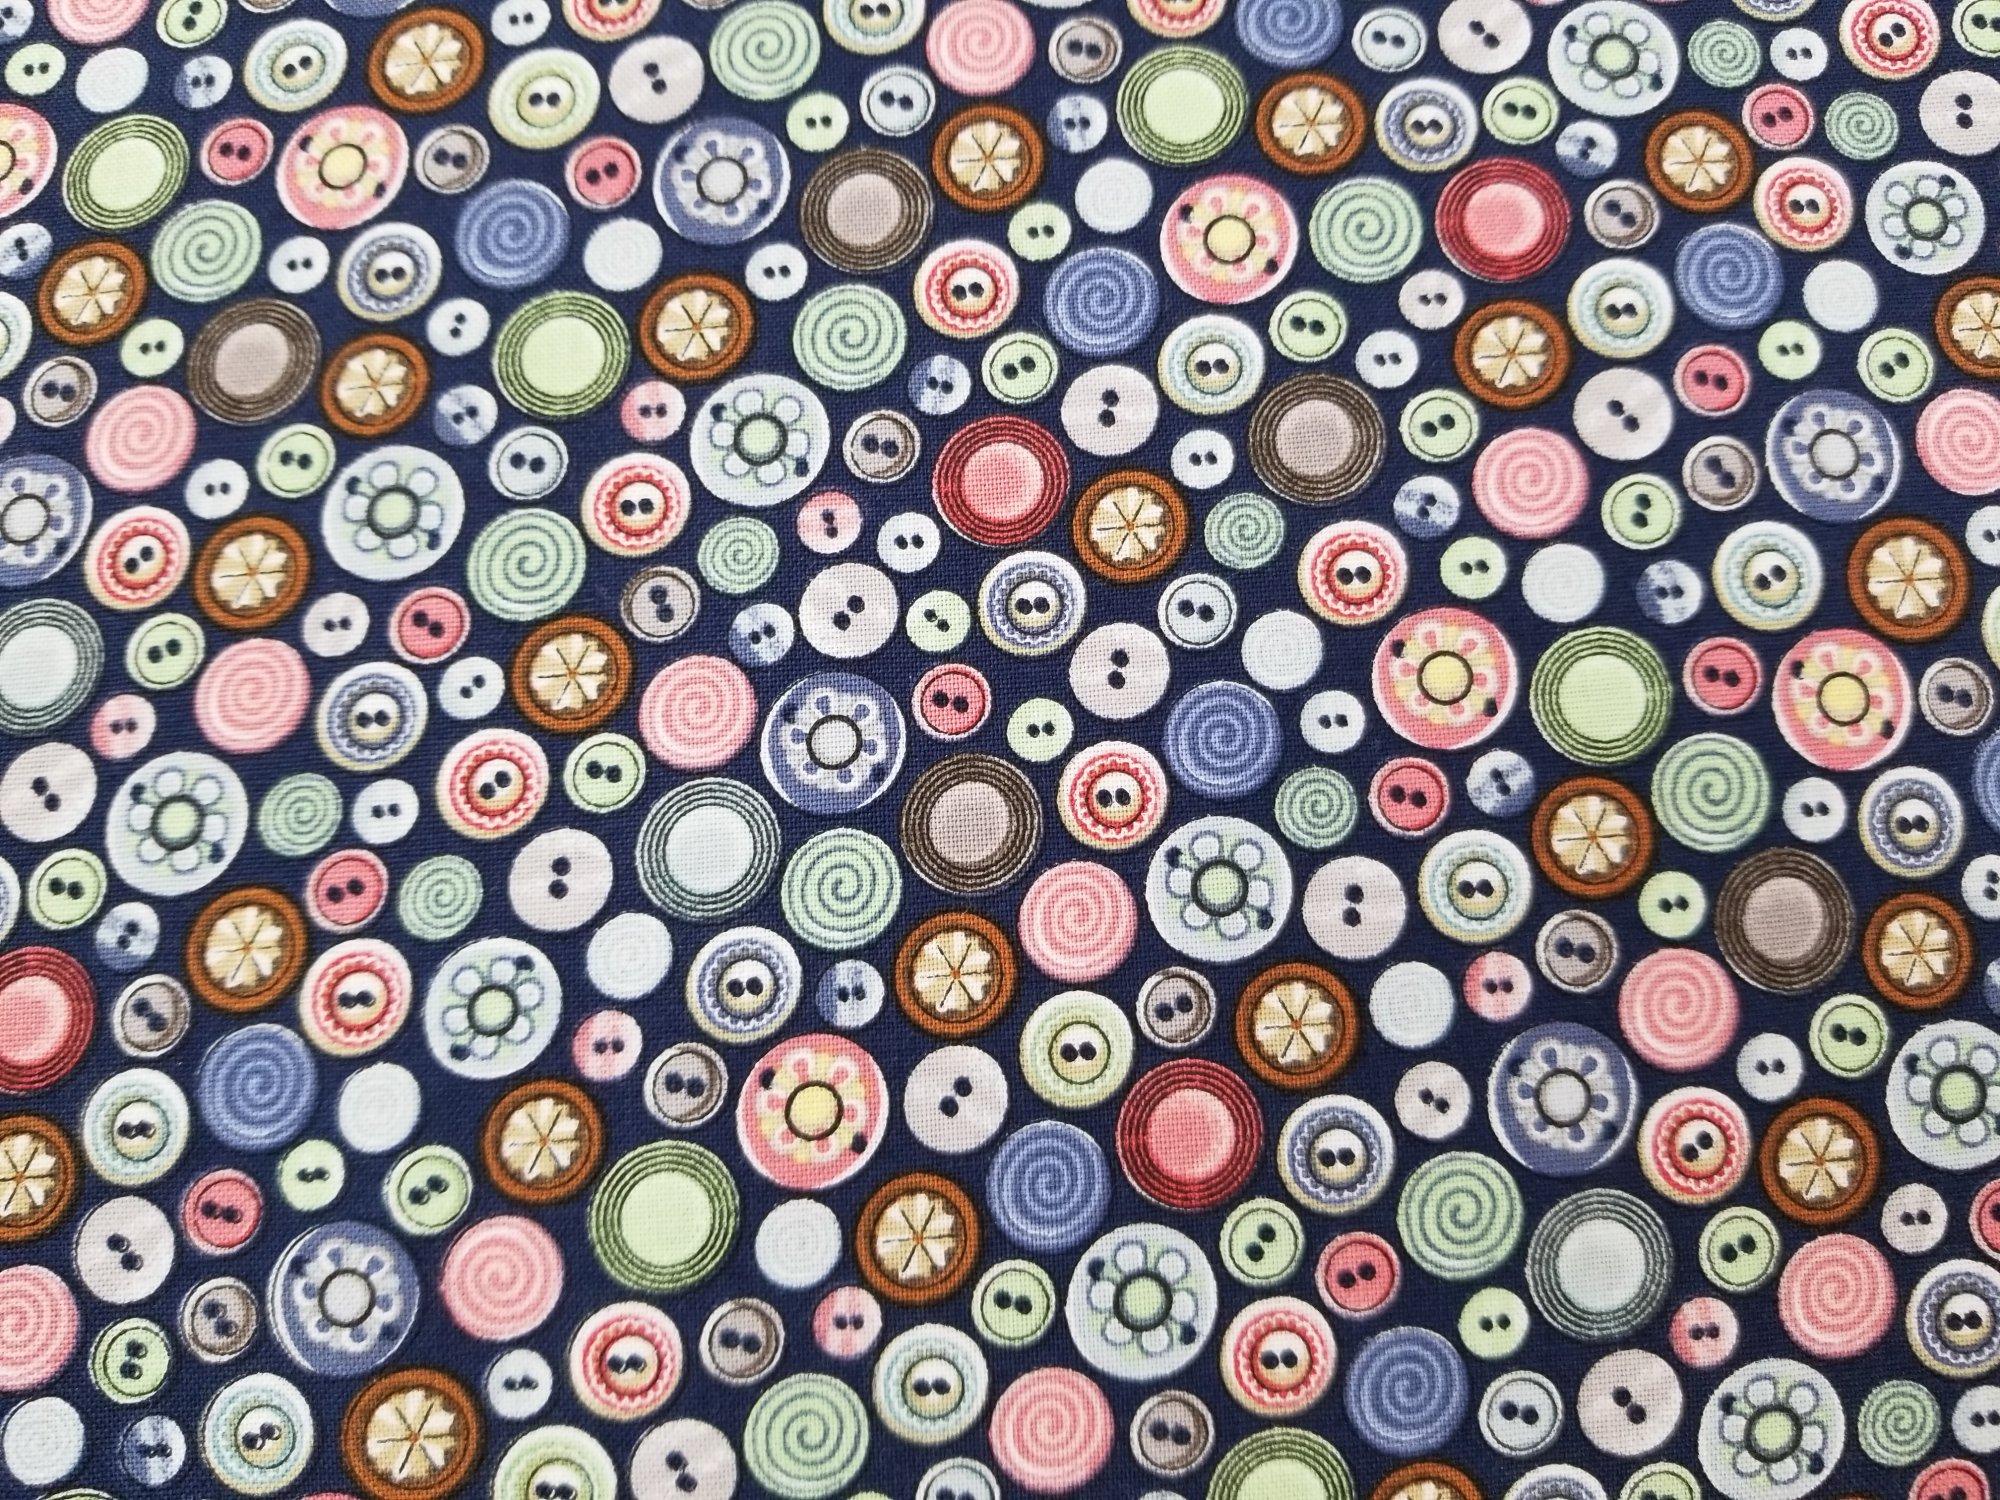 Better Stitch 9385 Color 77